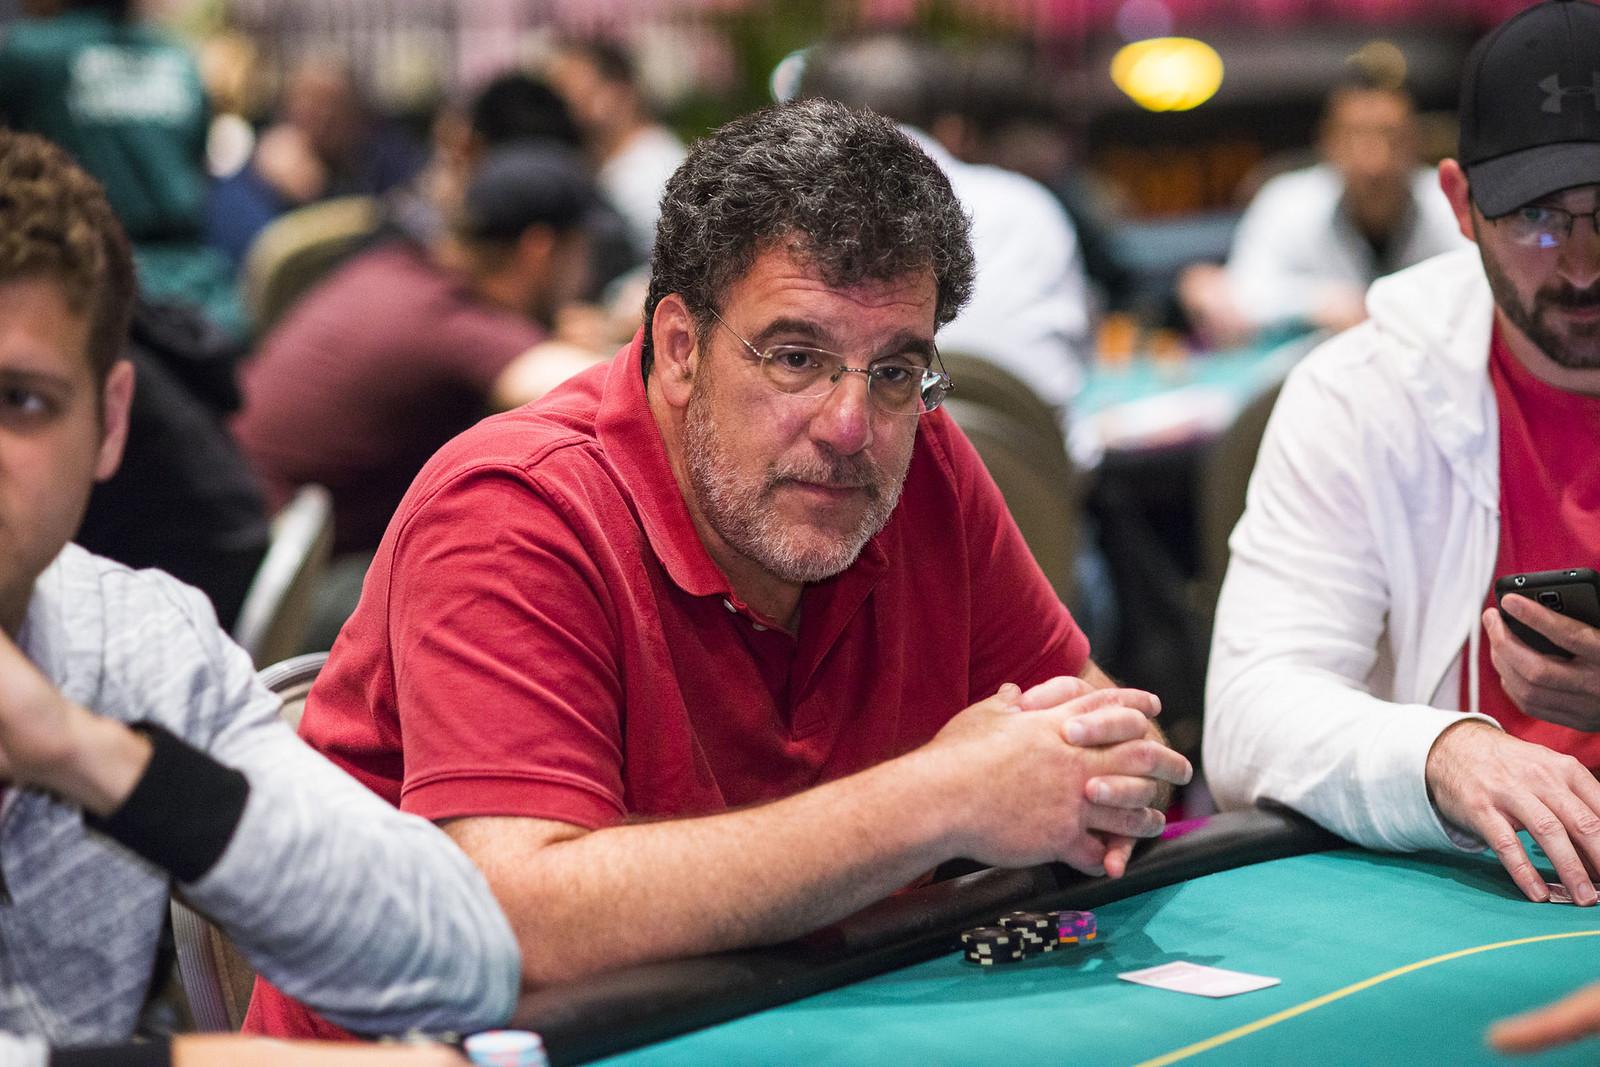 Borgata poker live updates